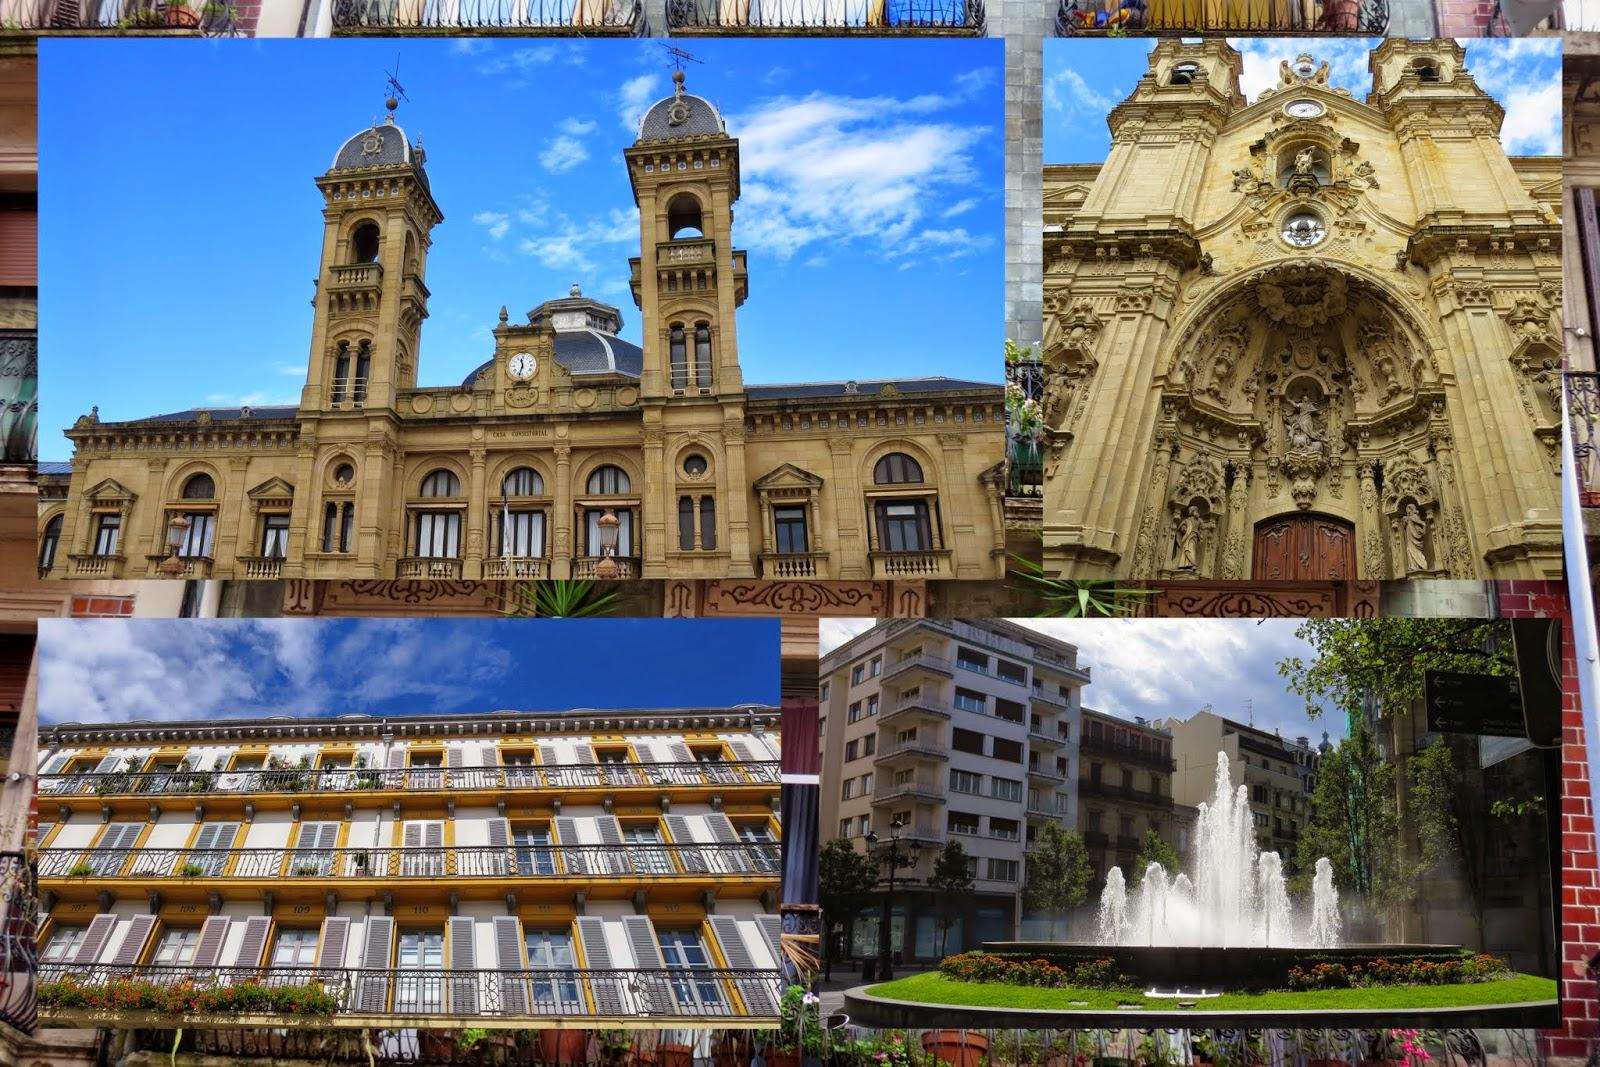 Basque Country - San Sebastian